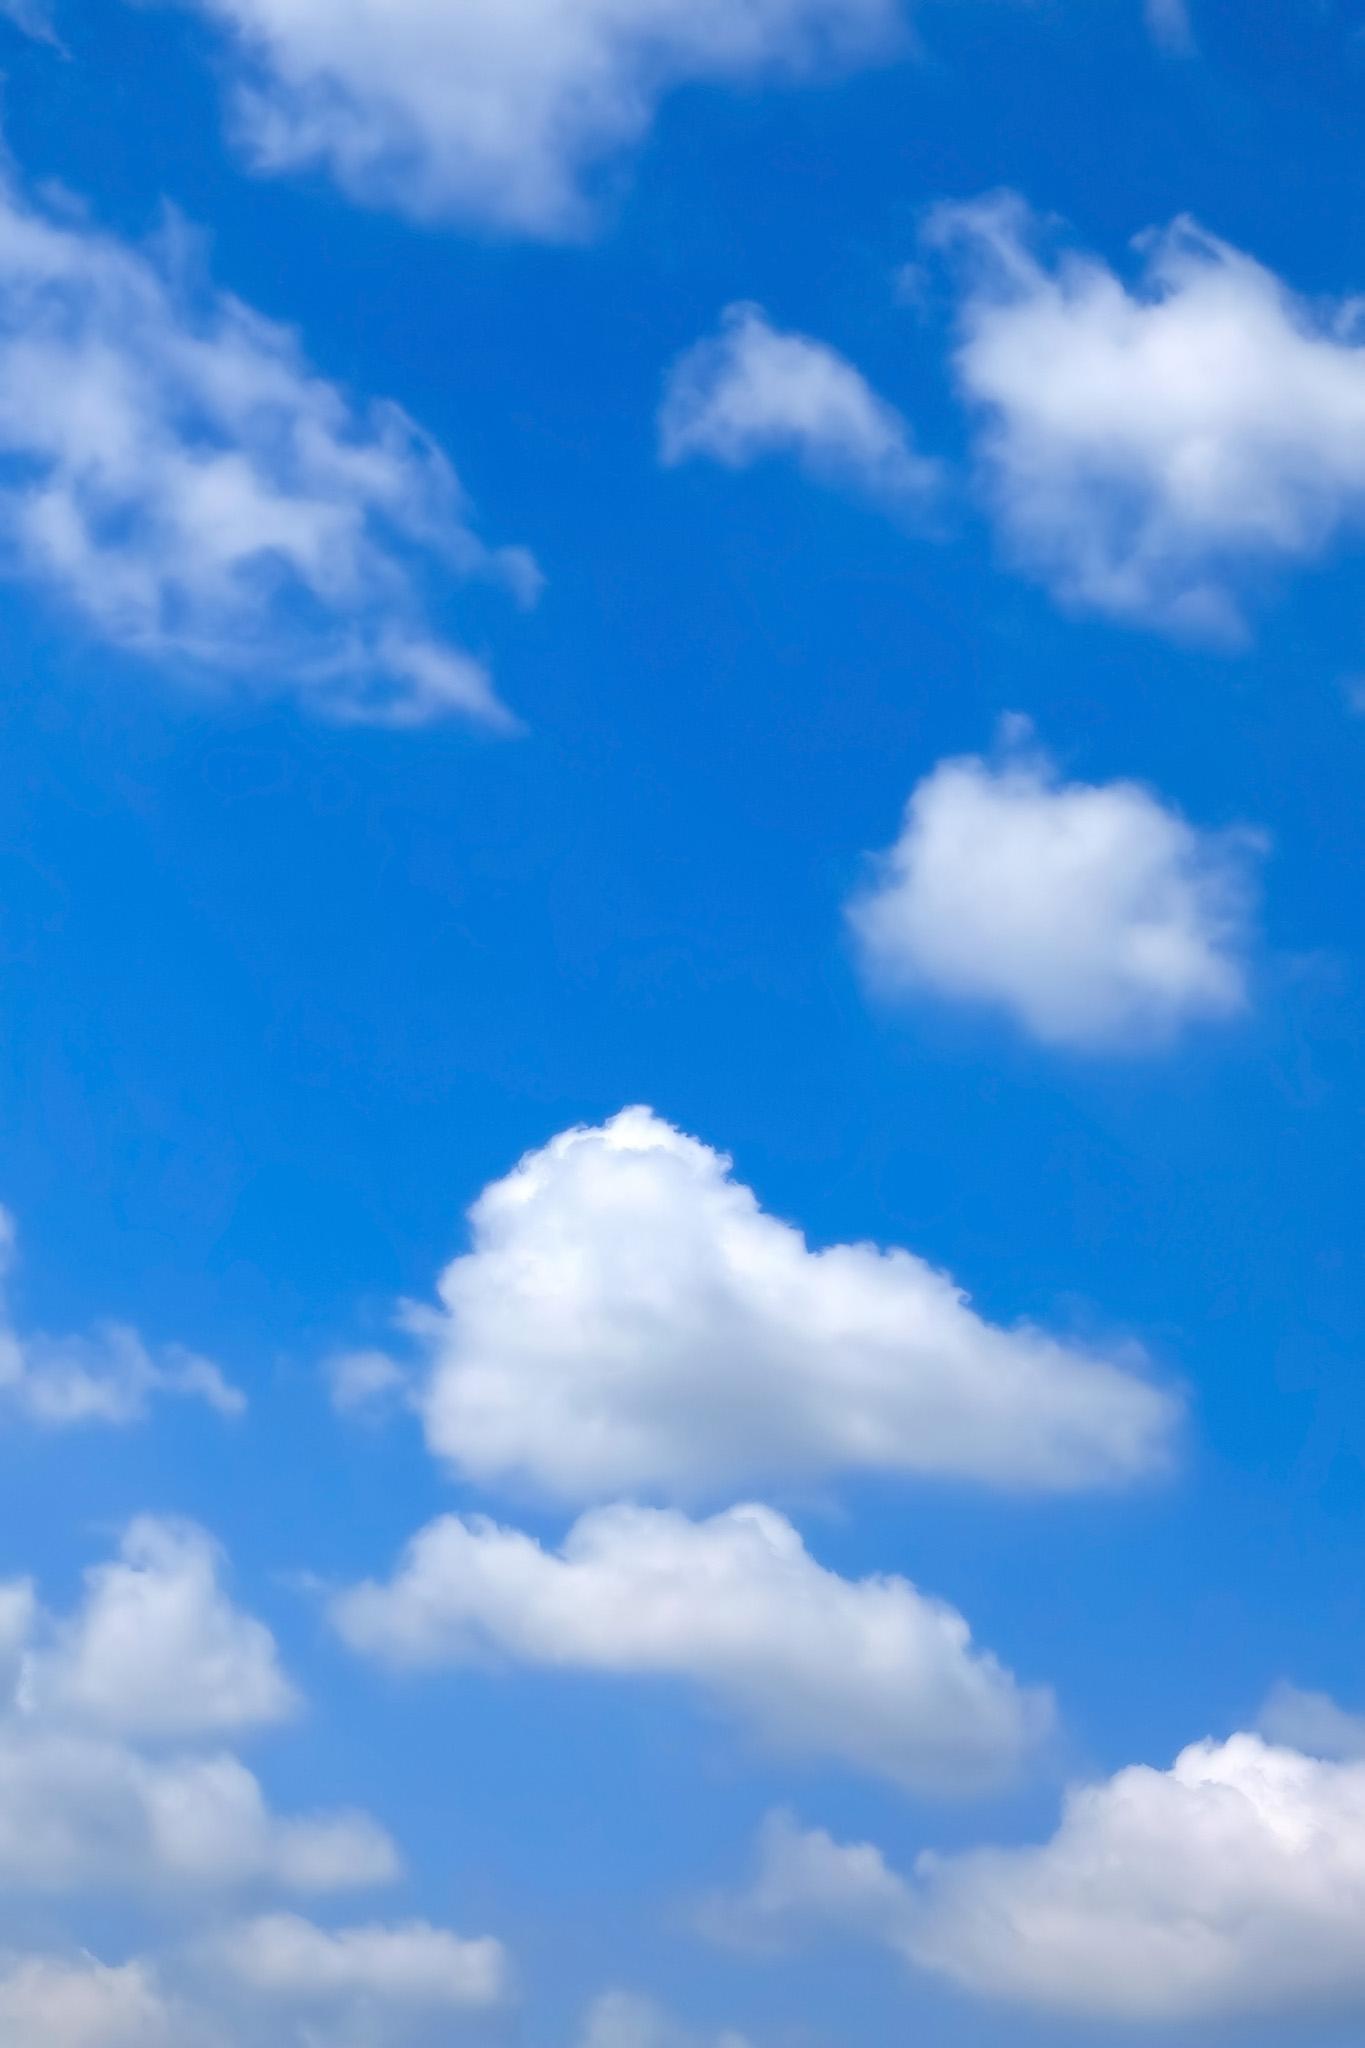 「雲がゆっくりと流れる穏やかな青空」の画像を無料ダウンロード